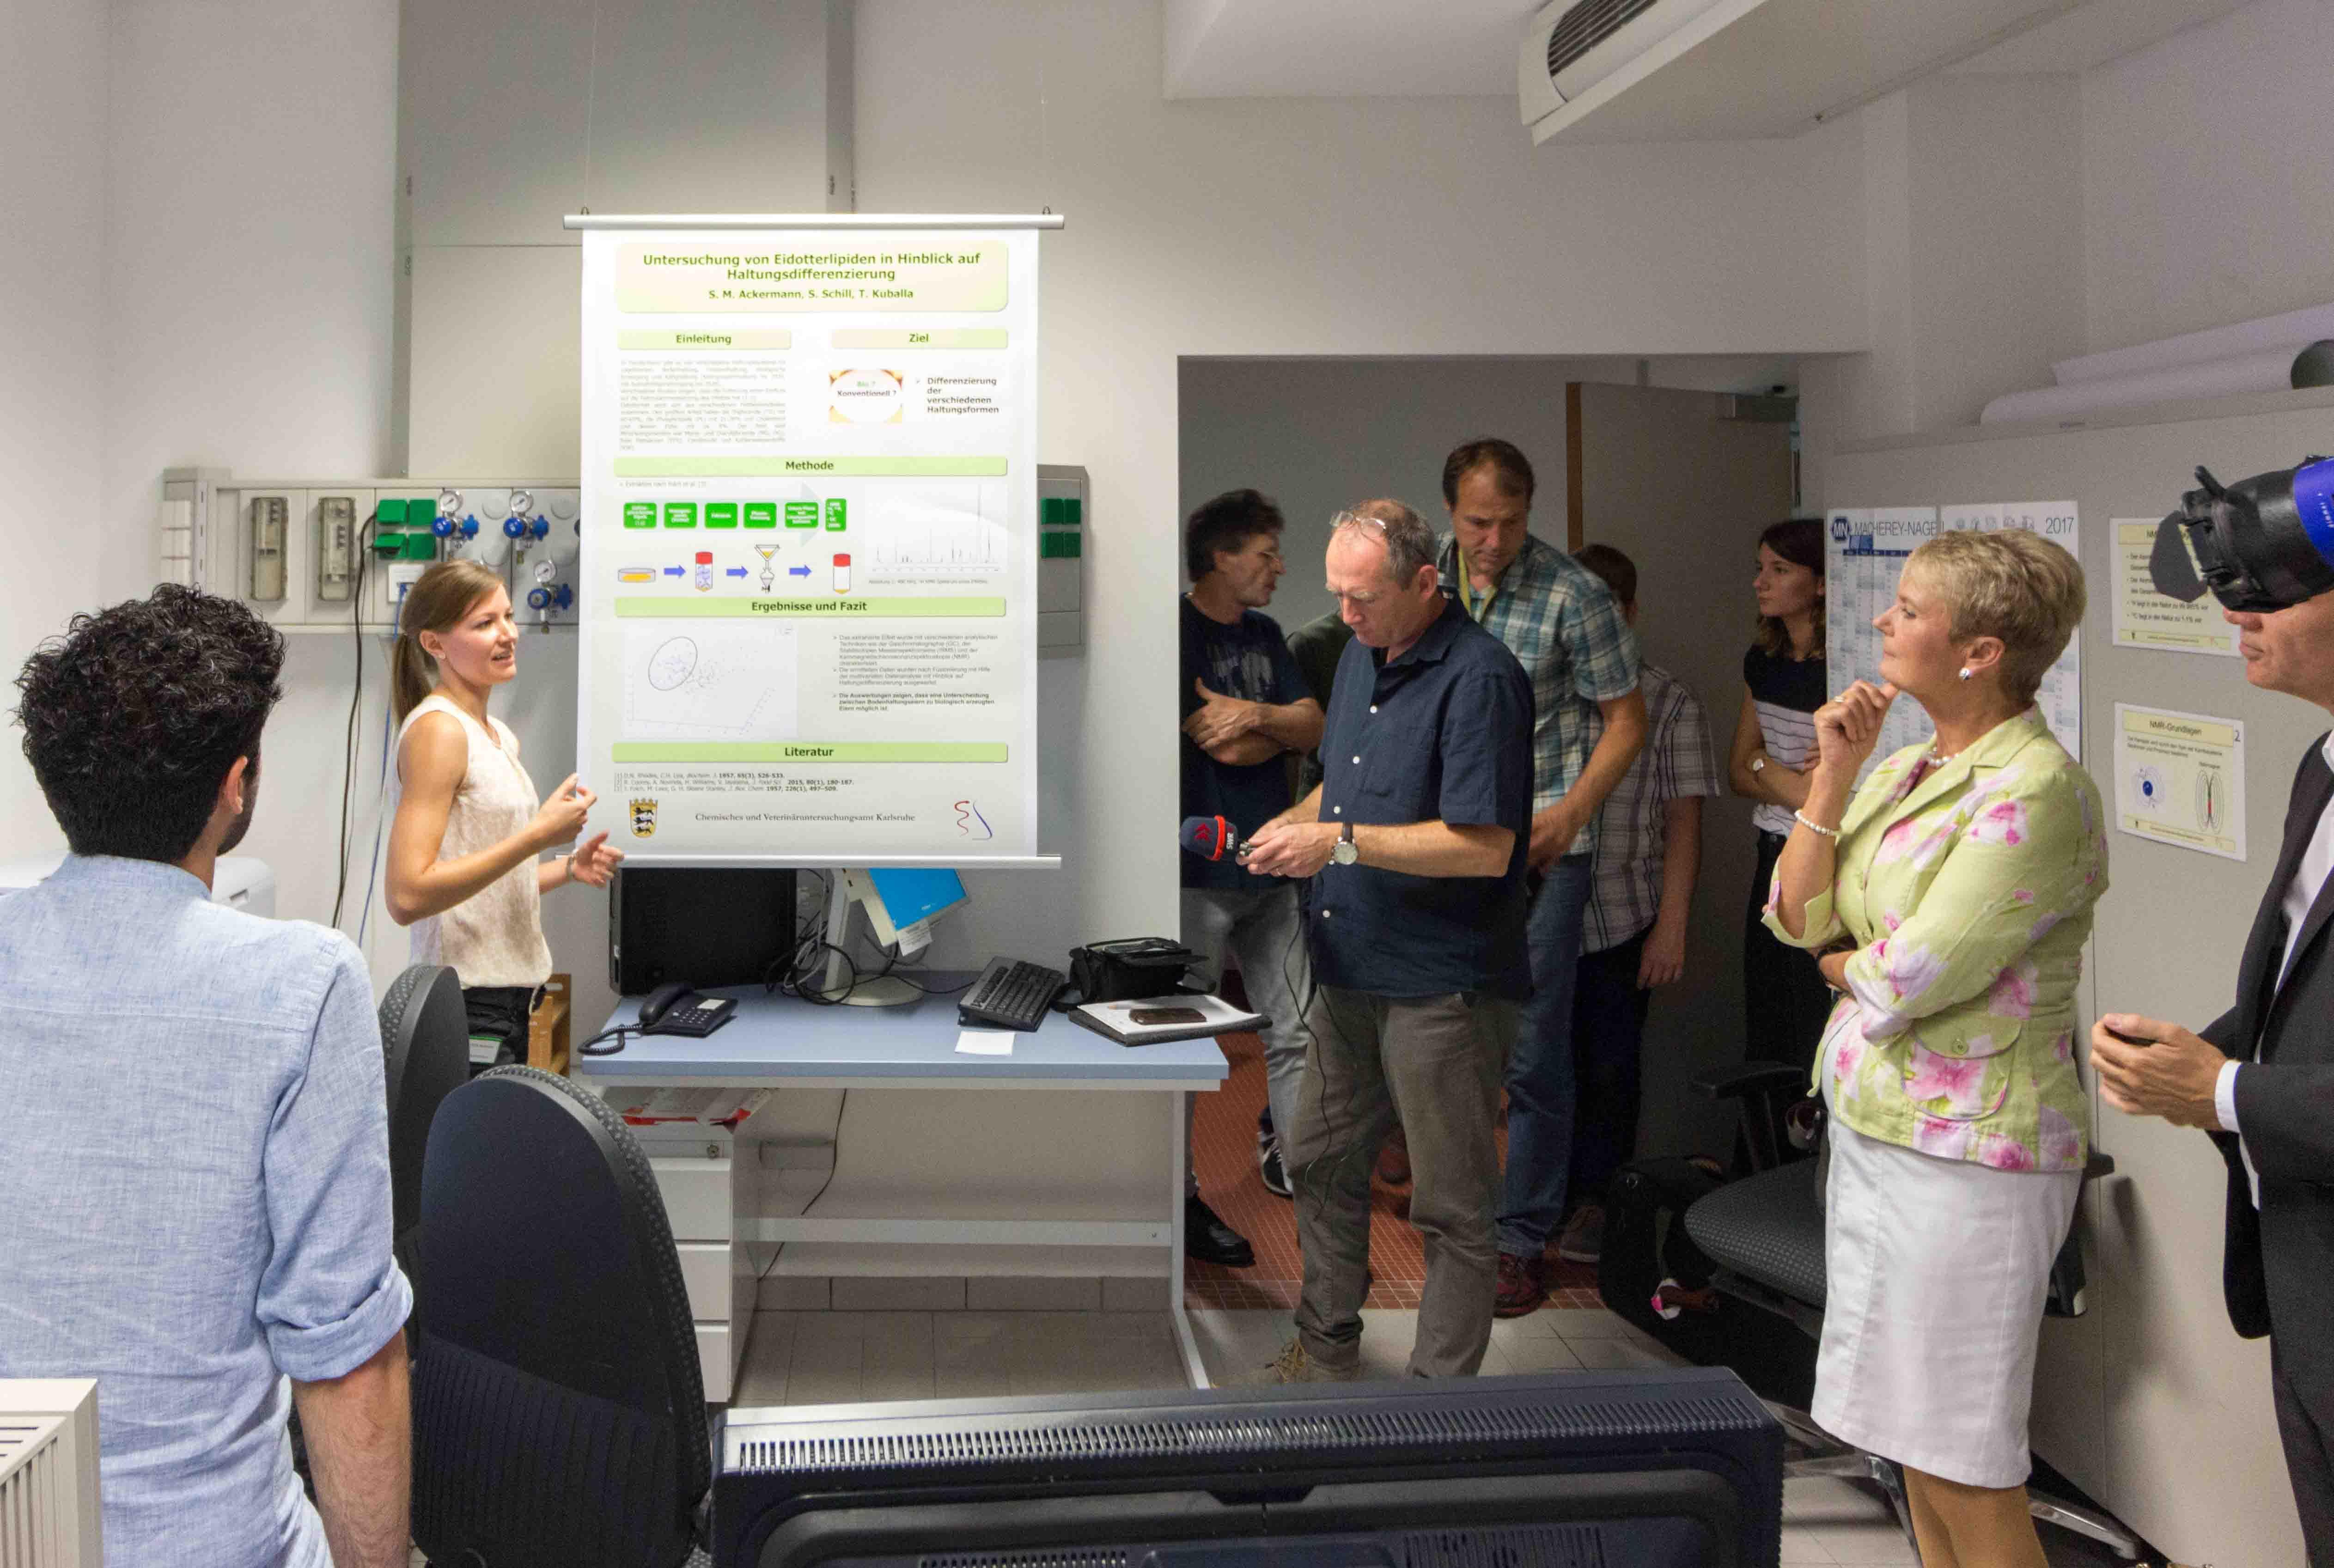 Bild 4: Frau Ackermann stellt Frau Gurr-Hirsch und den Pressevertretern ihre Promotionsarbeit zur Unterscheidung des Haltungstyps von Eiern mittels NMR vor. (Foto: CVUA Karlsruhe).